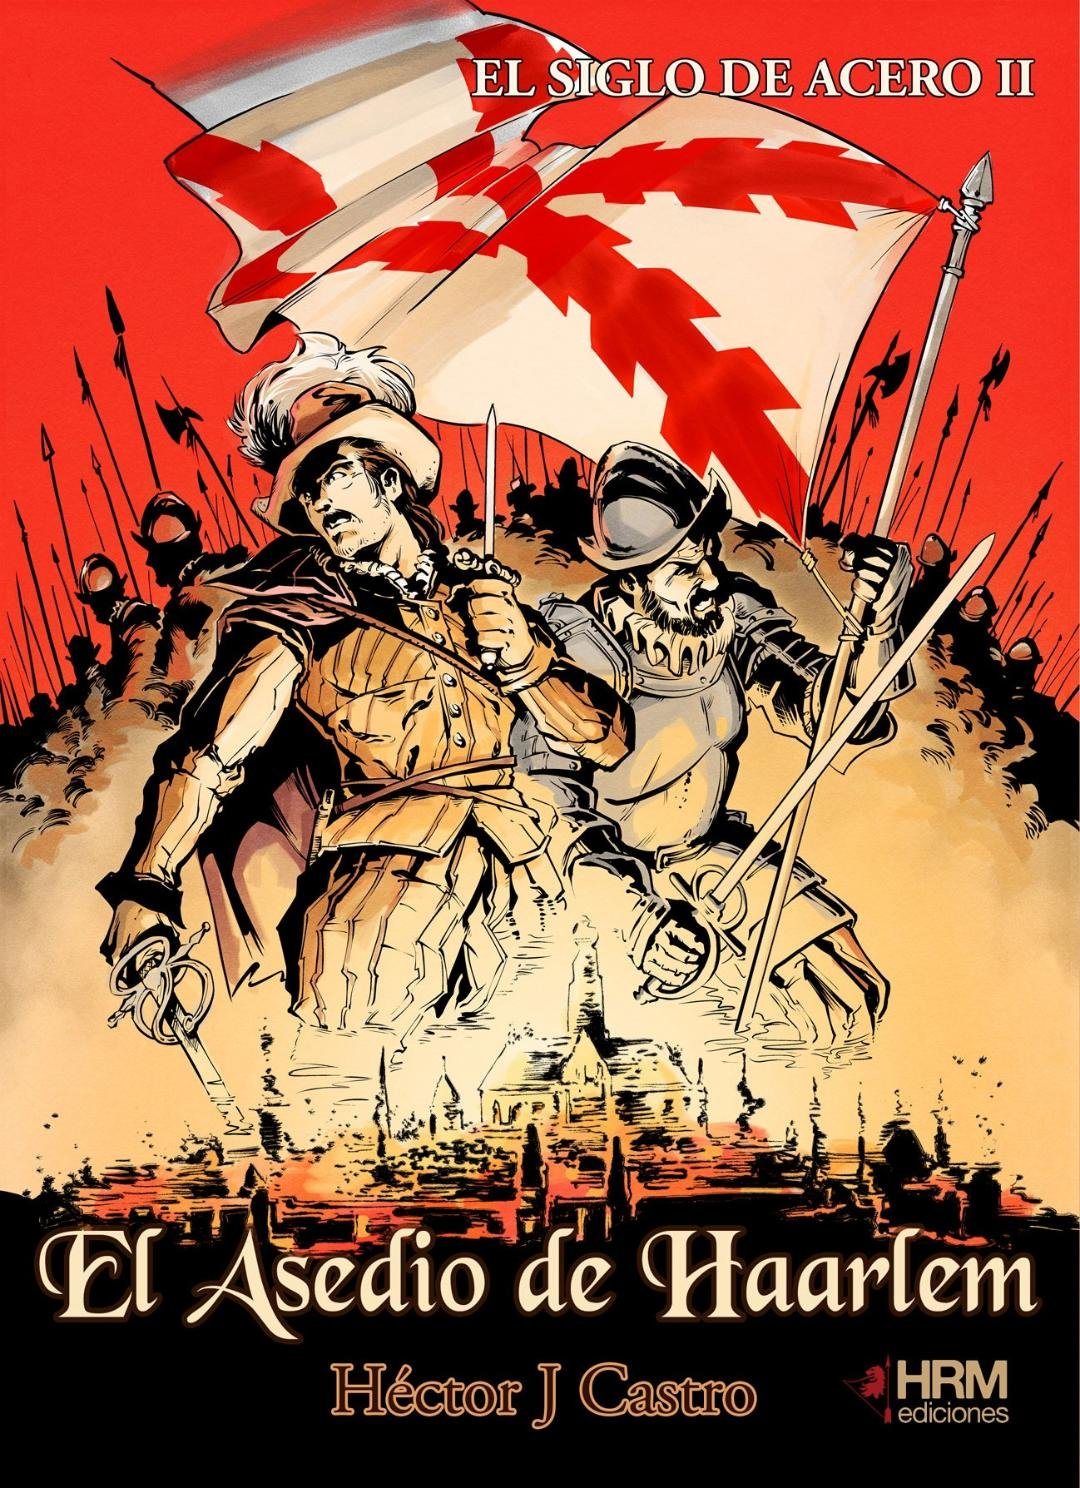 Resultado de imagen de asedio haarlem hector hrm